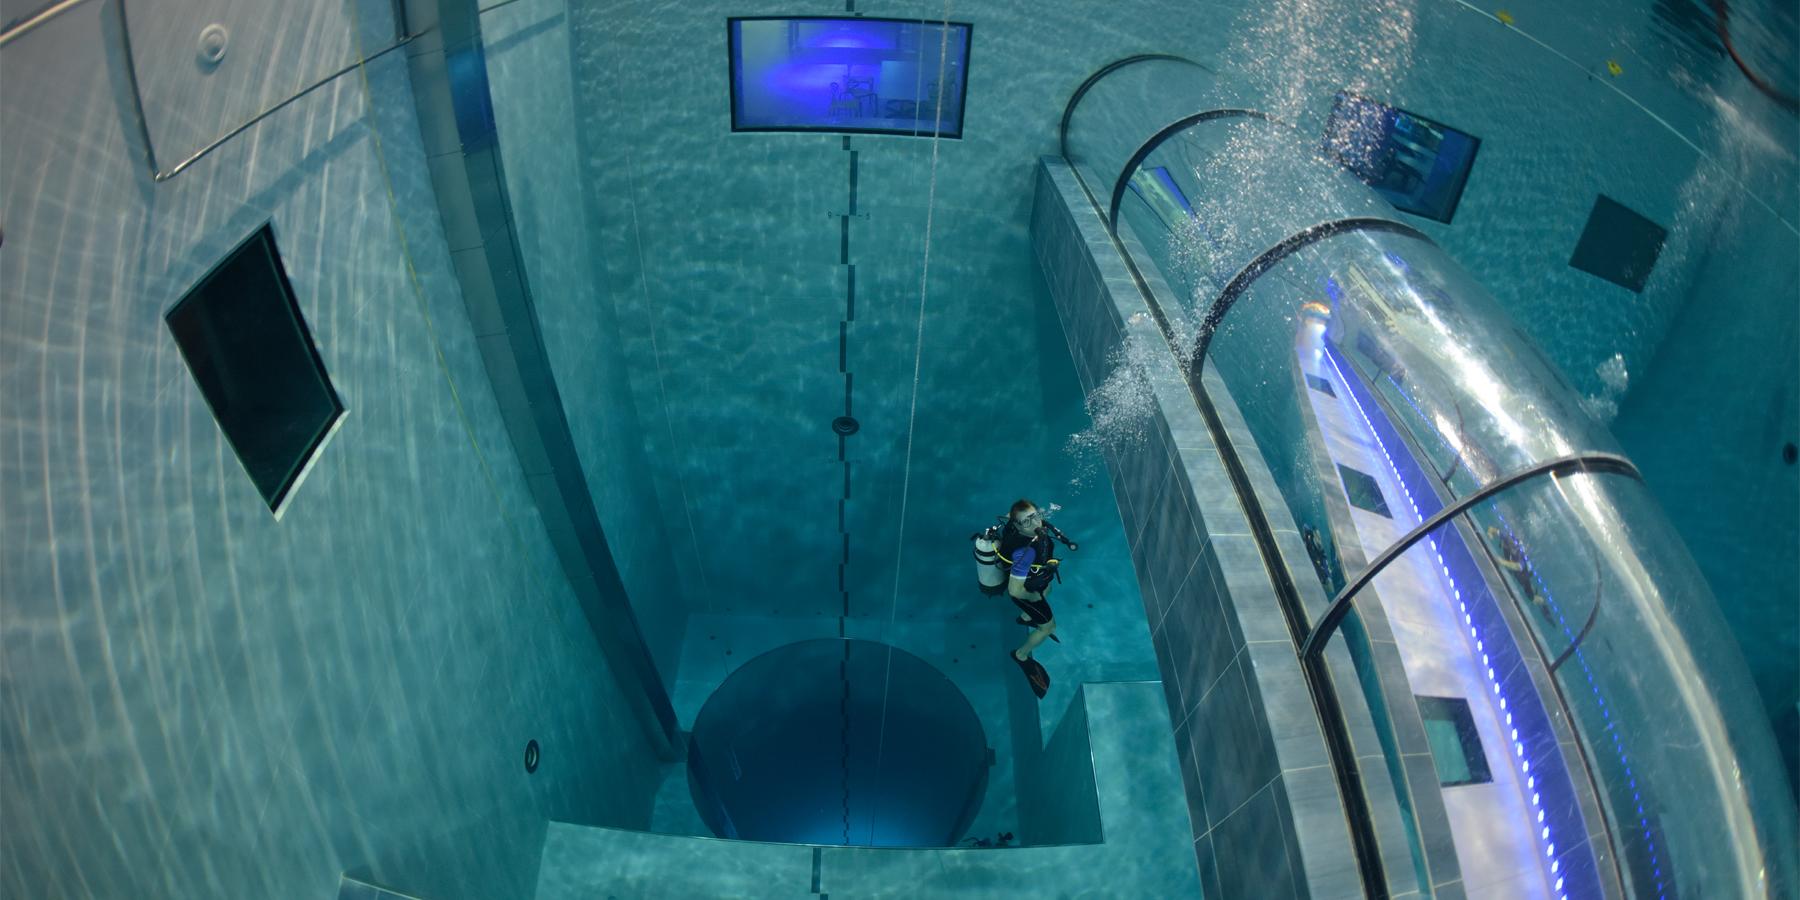 Les fosses de plong e de 20 m tres en france plongez for Apprendre a plonger dans la piscine